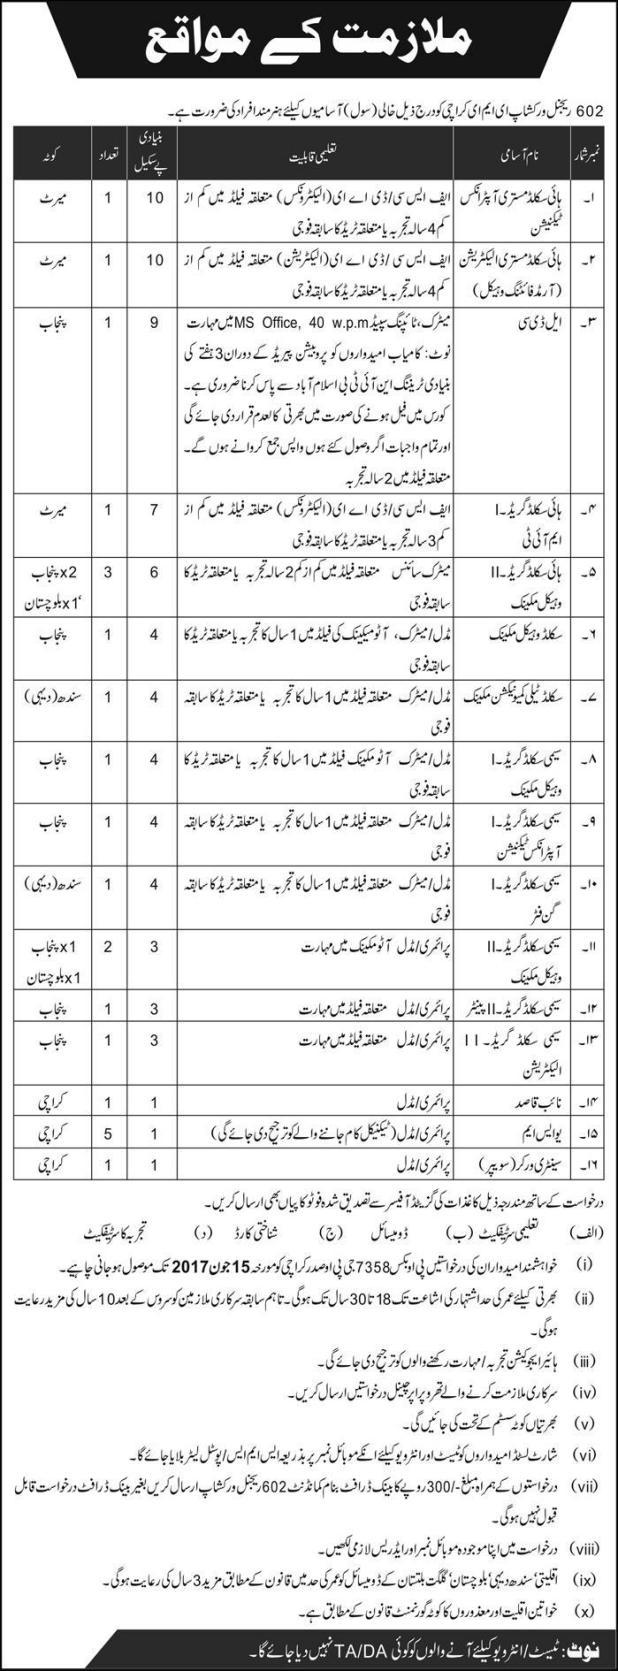 Pak Army 602 Regional Workshop EME Karachi Jobs 2021 Online Registration Test Schedule Eligibility Criteria